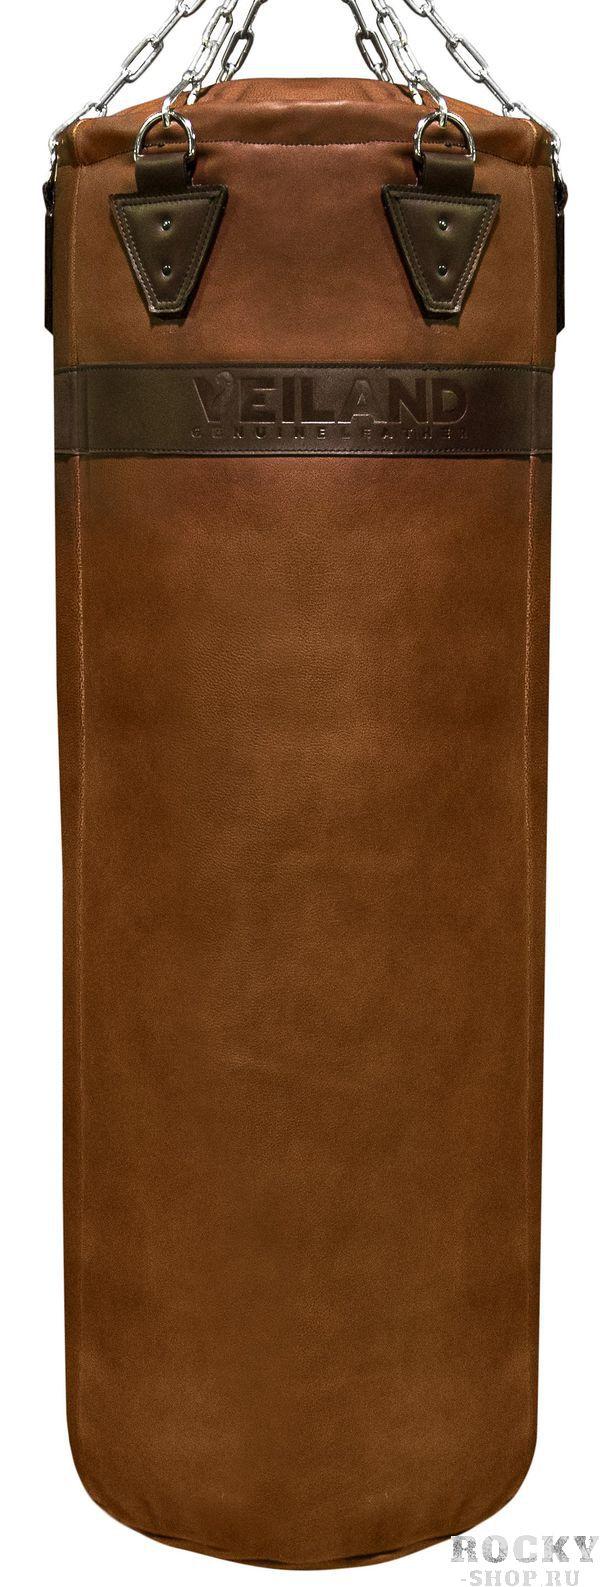 Профессиональный боксерский мешок Veiland, кожа, 100х30см, 25кг Veiland